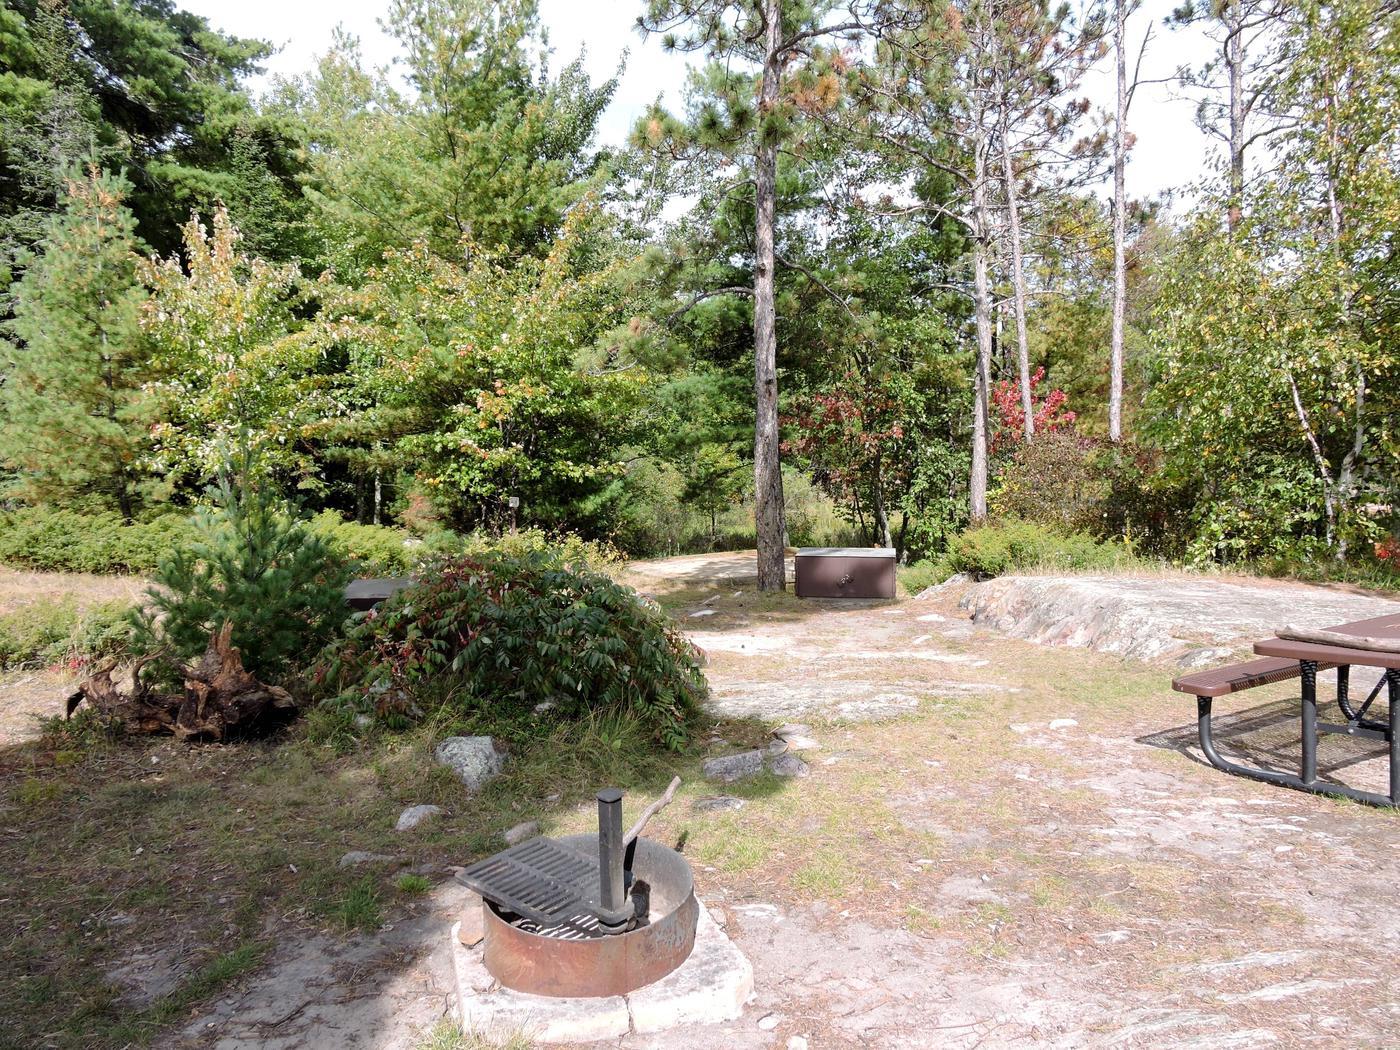 R11 - Dryweed IslandView of campsite